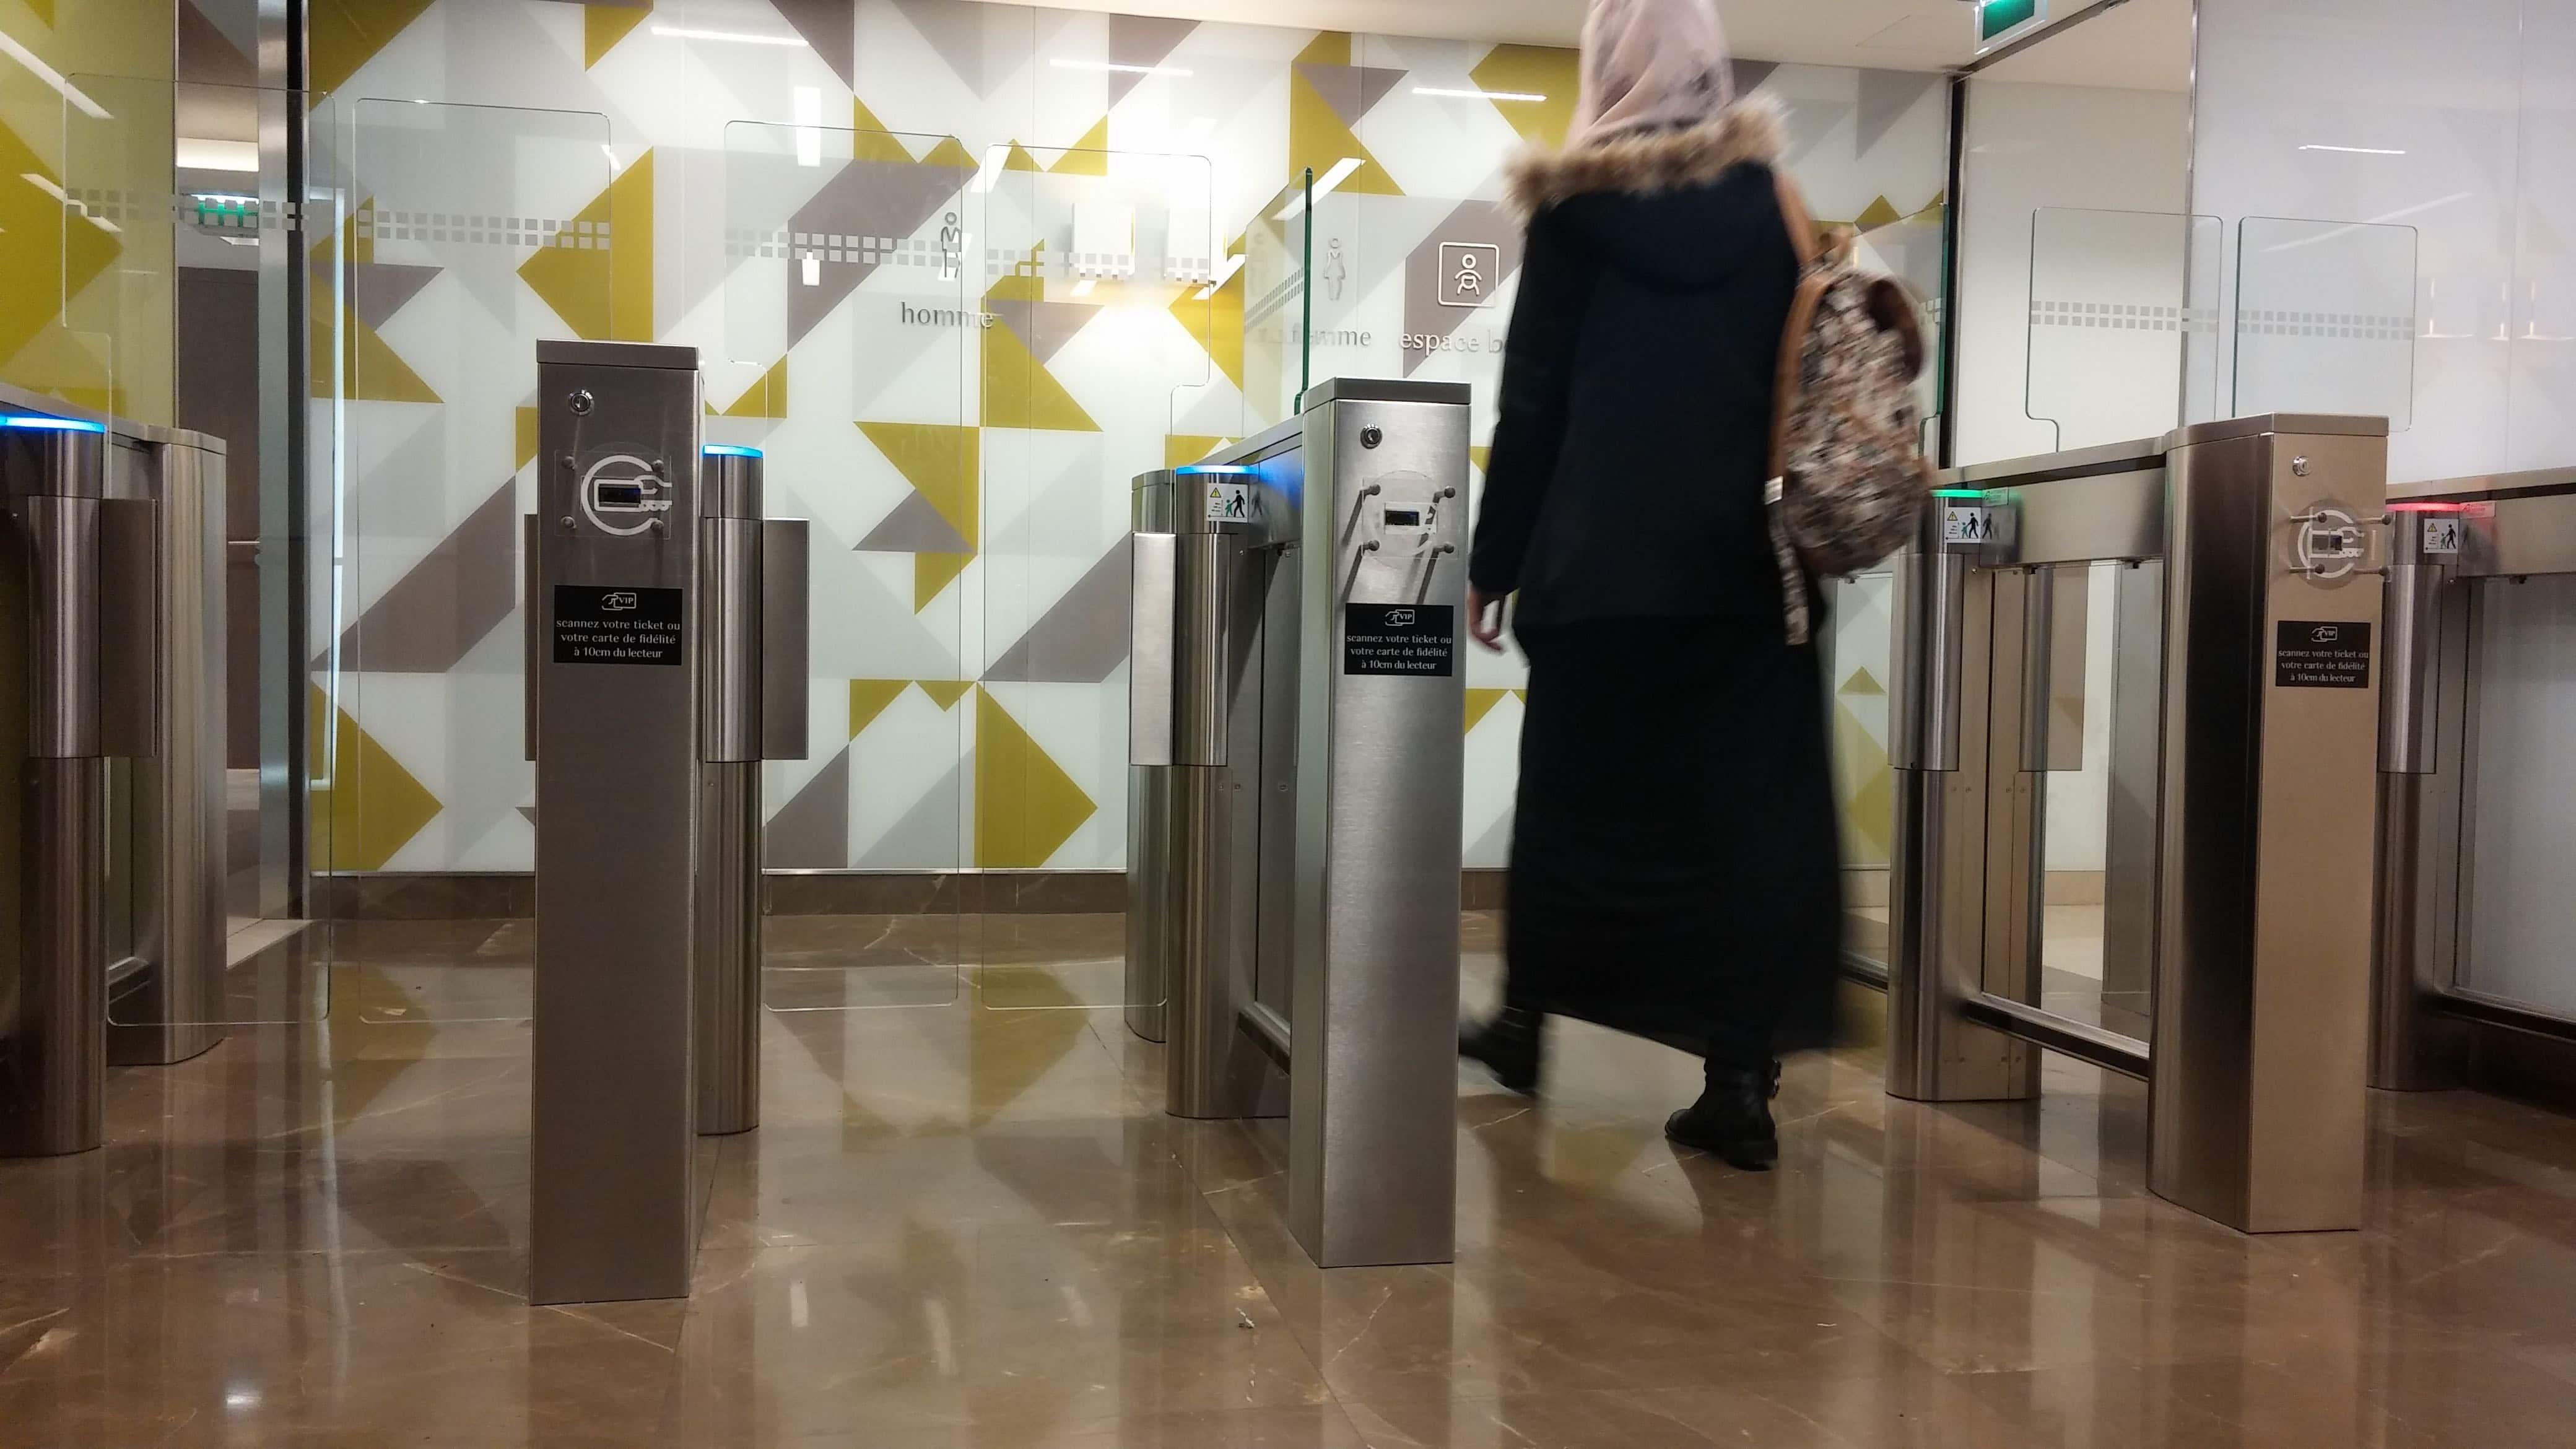 L'accès aux toilettes de la Part-Dieu est payant et il faut acheter un ticket pour passer les barrières à l'entrée. © Photo Rue89Lyon